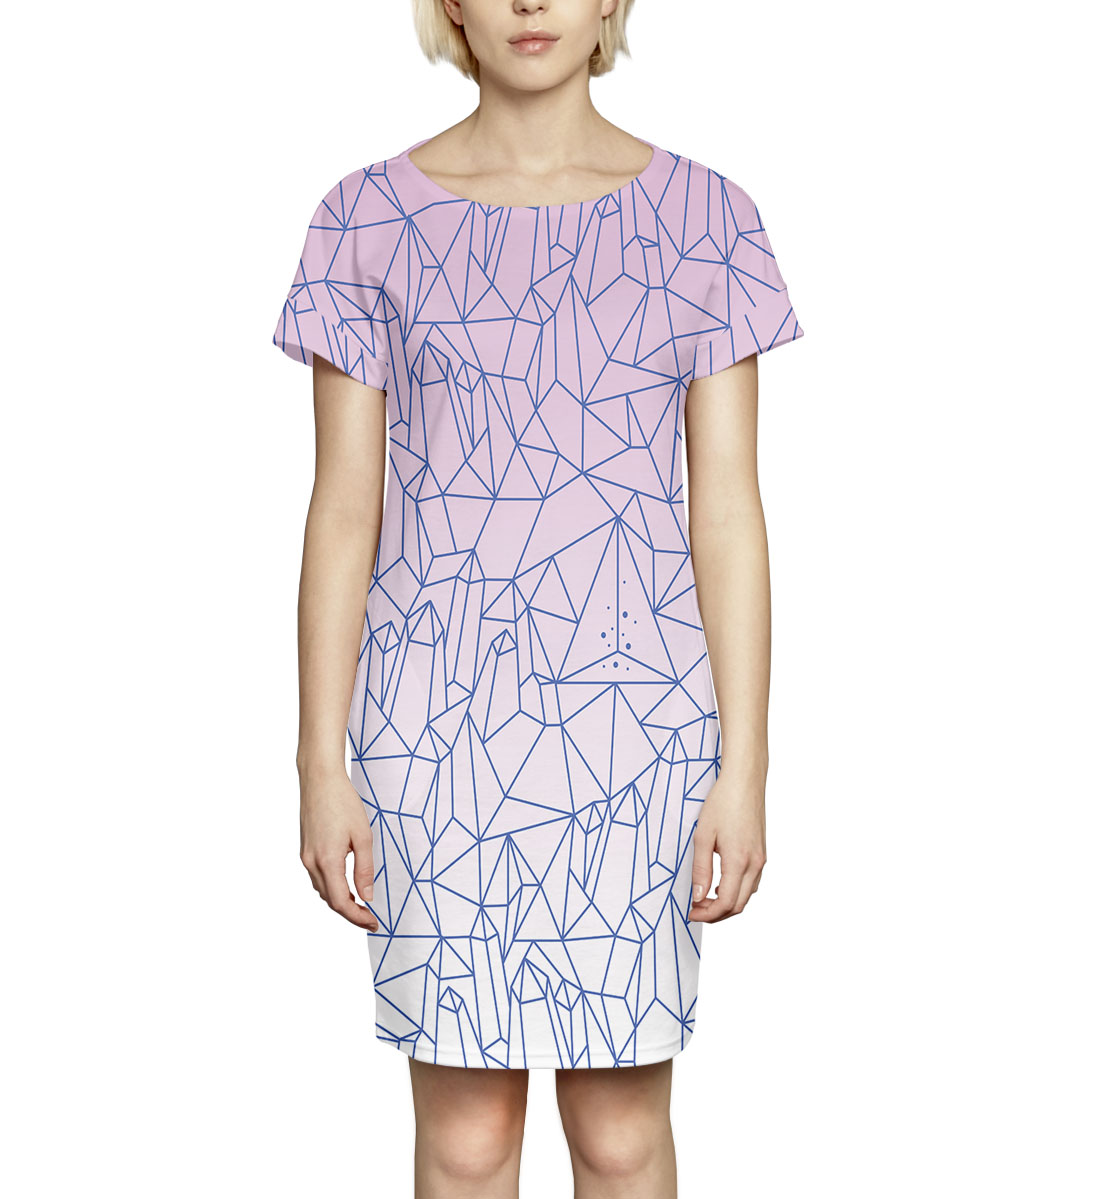 Купить Абстракция, Printbar, Платье летнее, NWT-776530-pkr-1